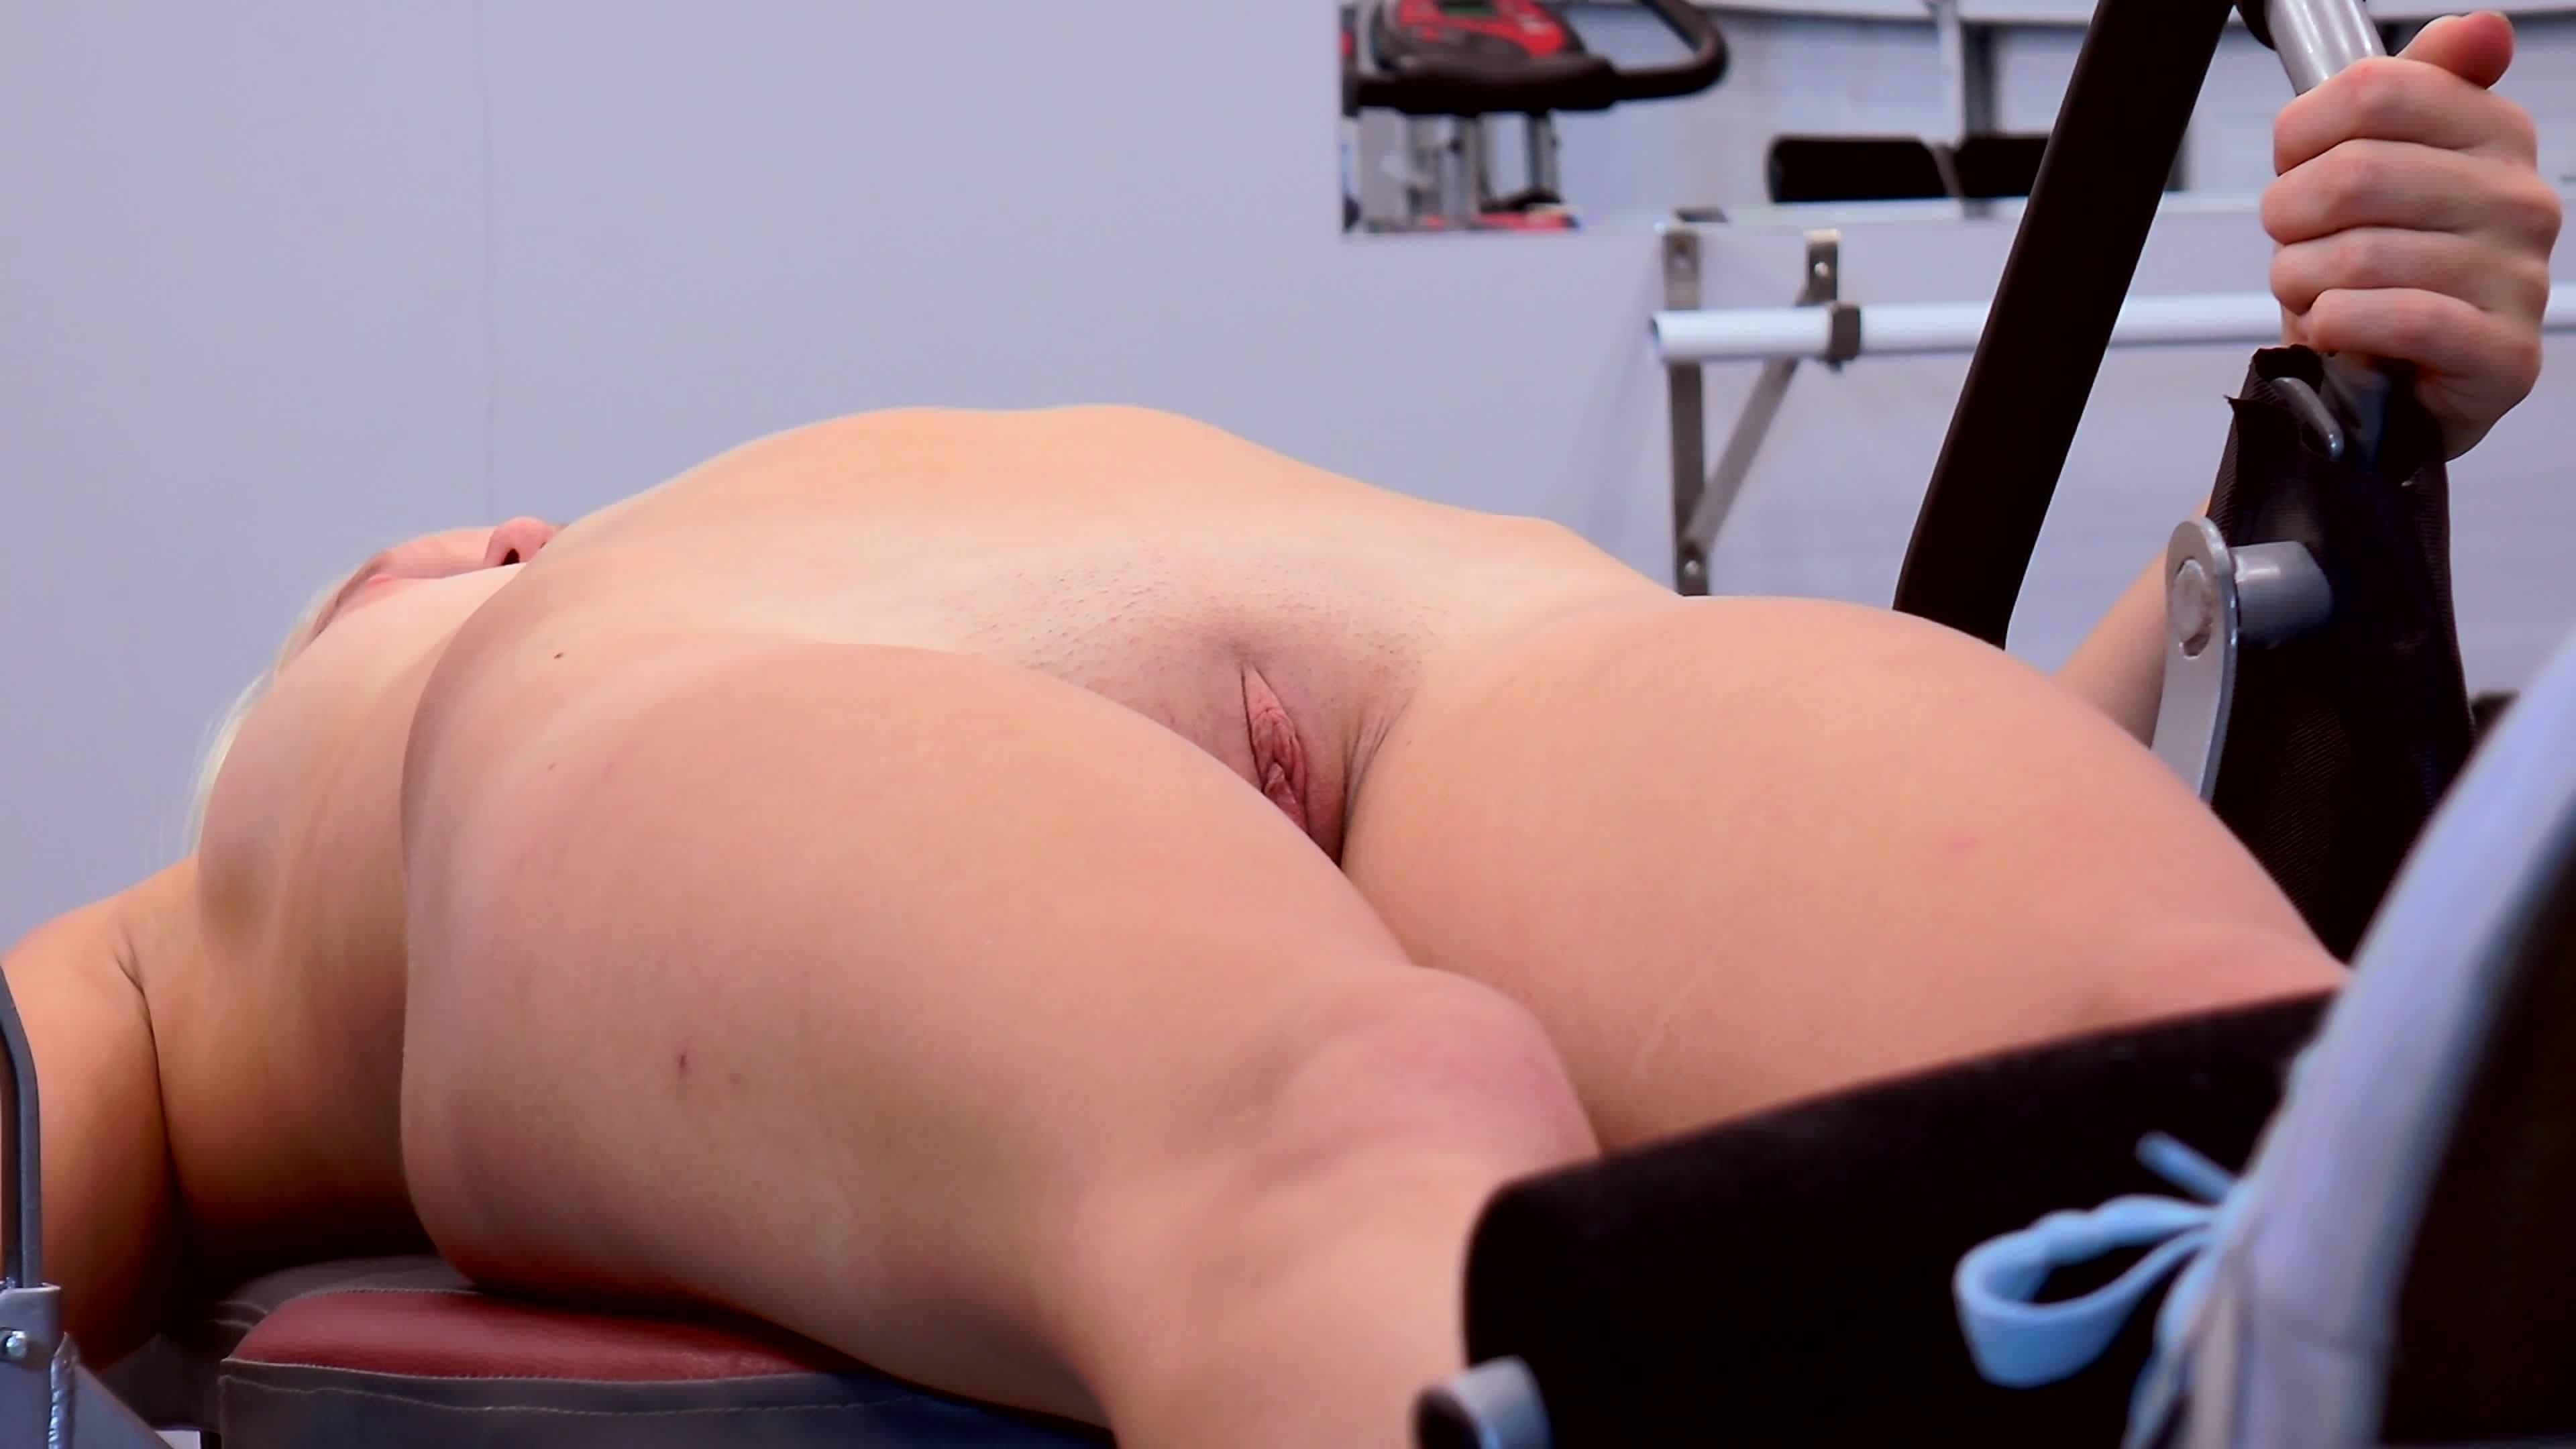 sexe salle de sport mamie naturiste